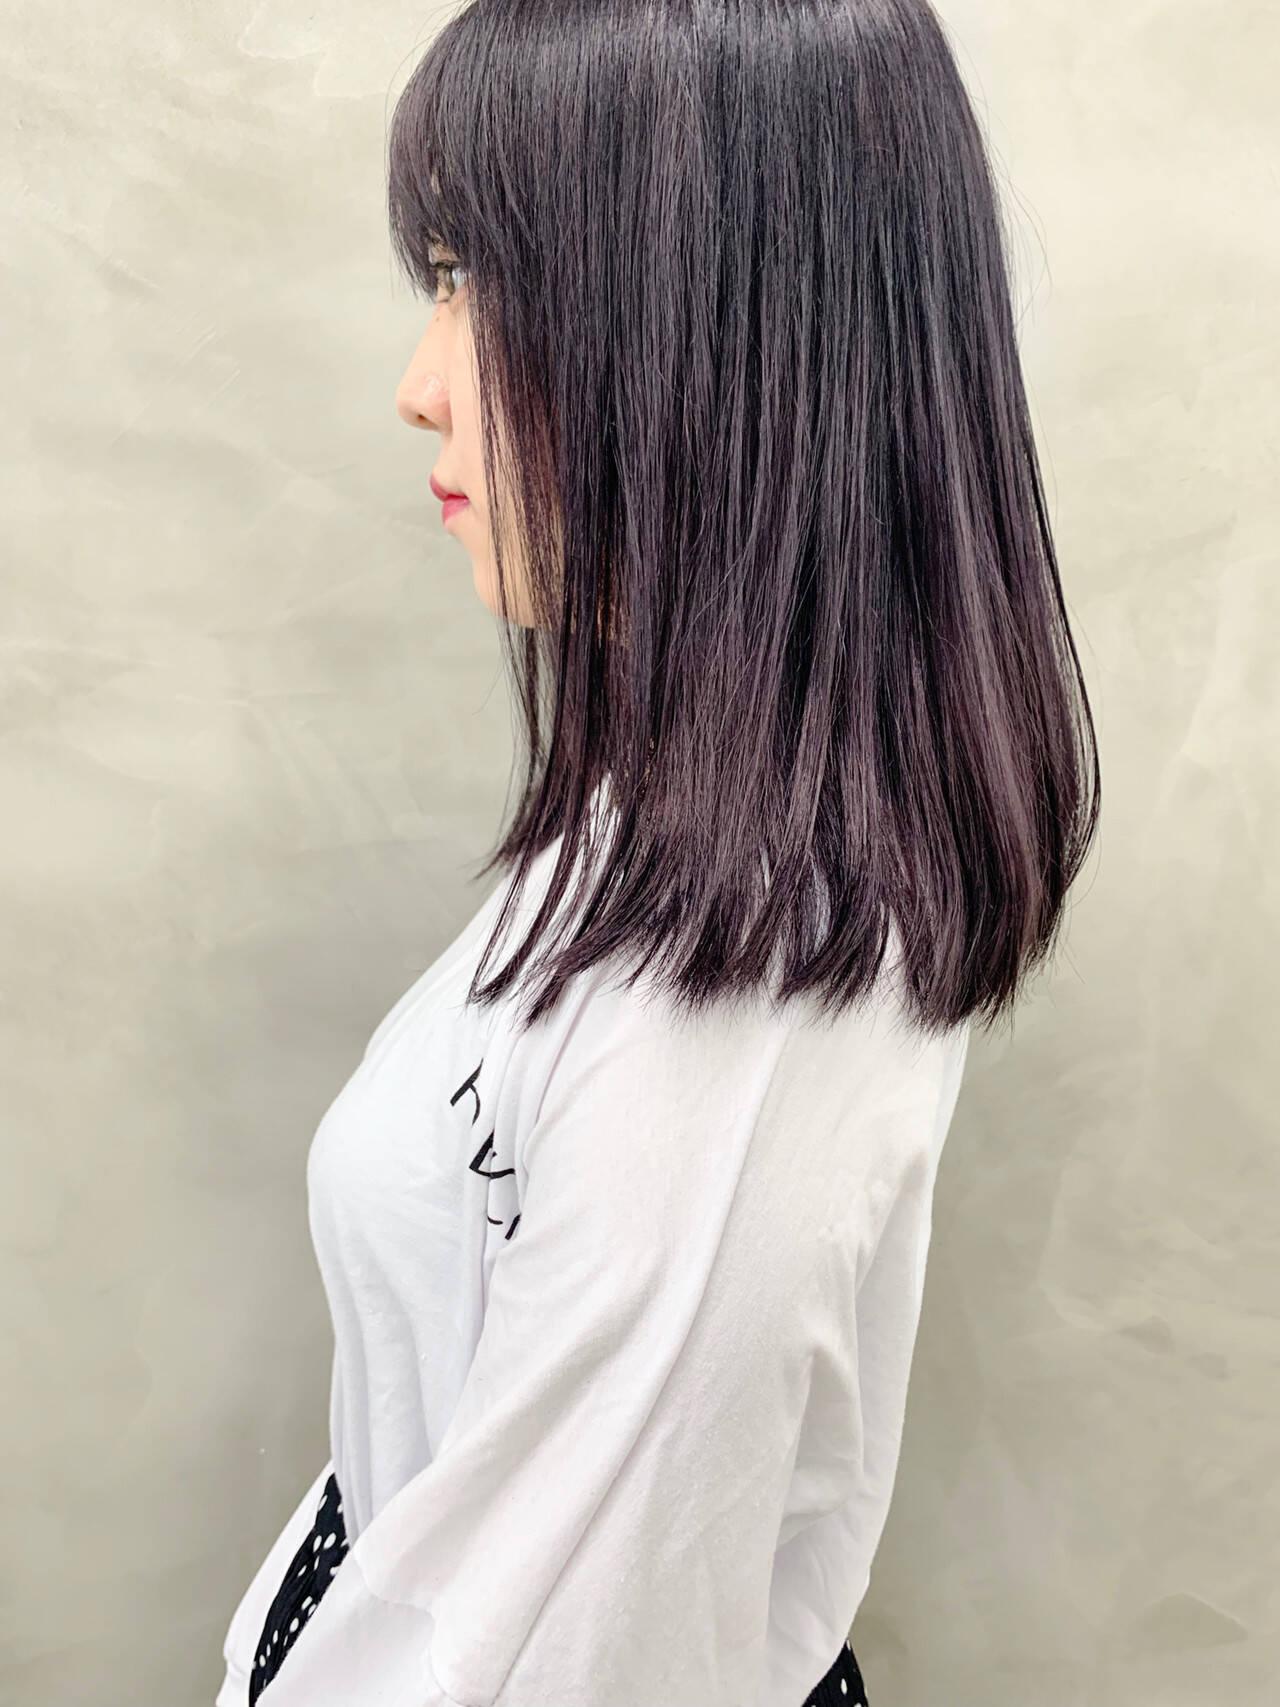 ミディアム ラベンダーカラー ブリーチ ラベンダーグレージュヘアスタイルや髪型の写真・画像